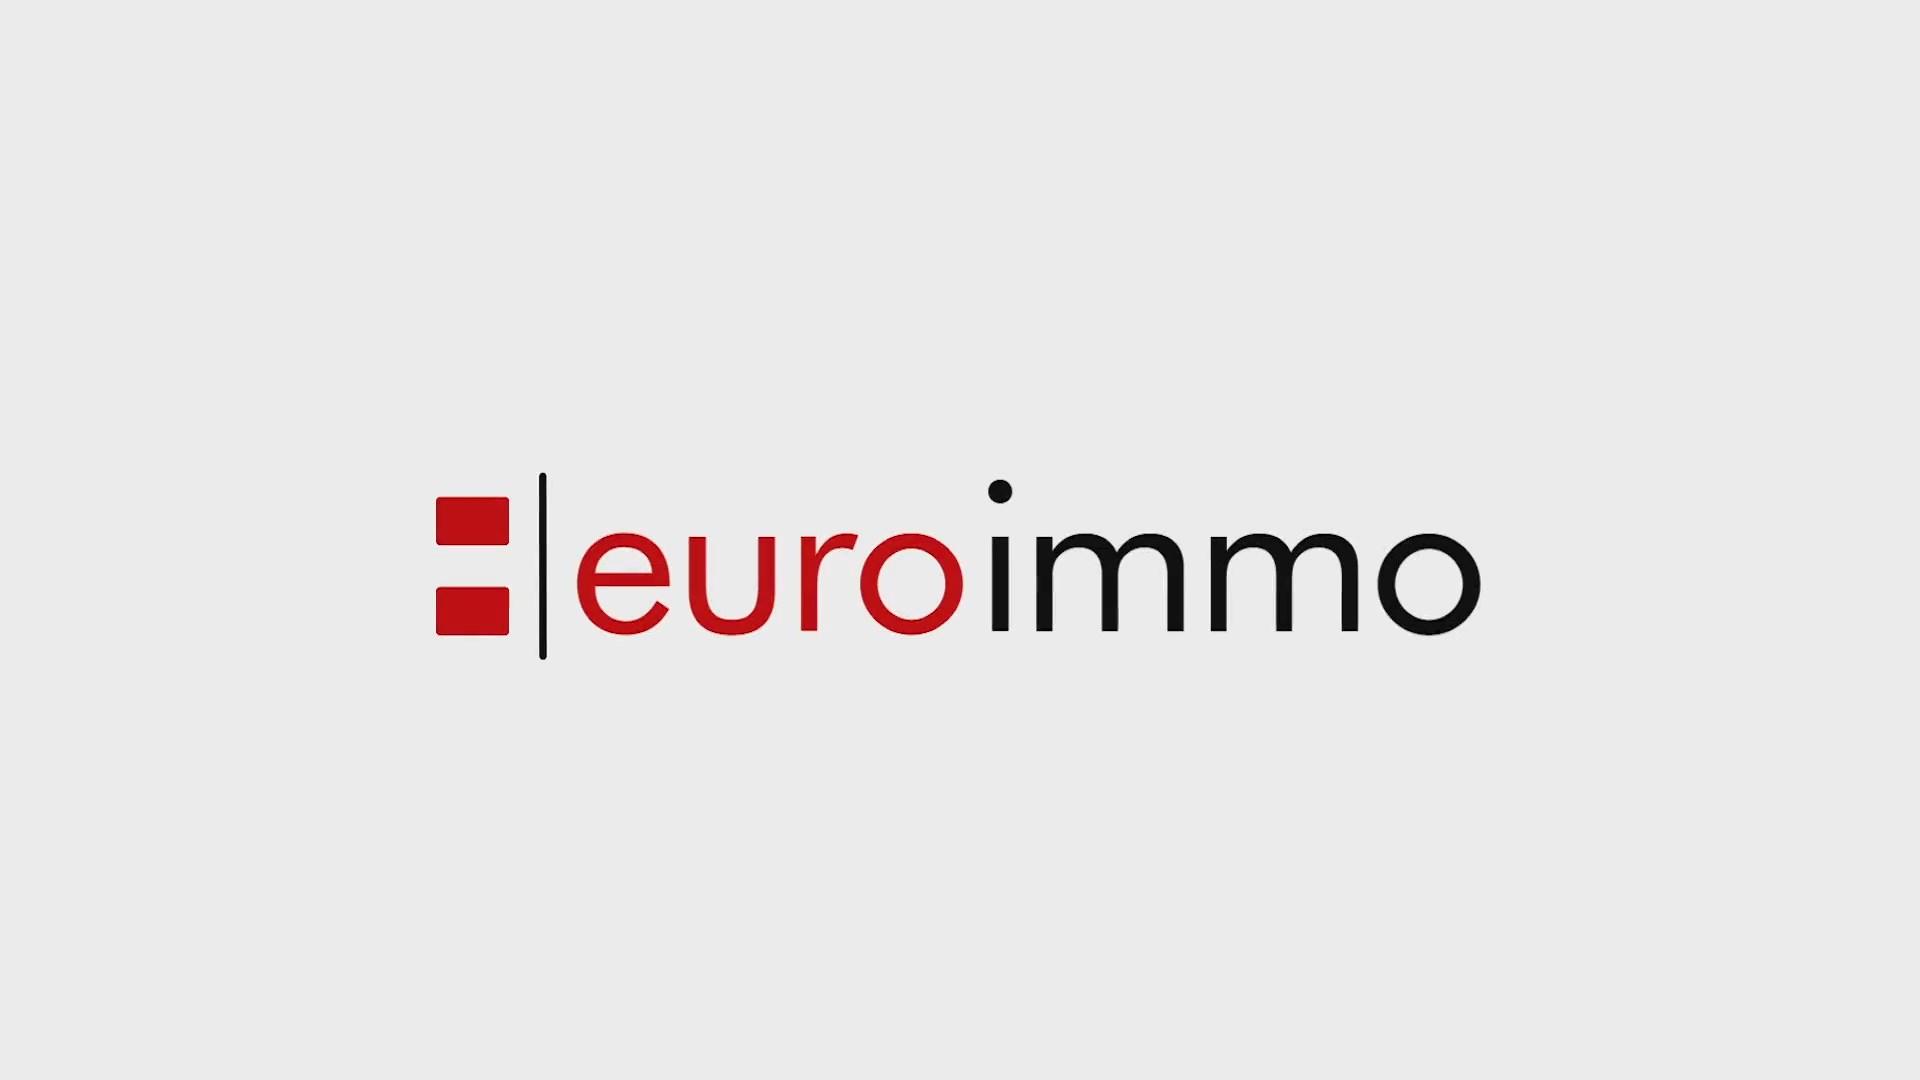 euroimmo-huurdersaansprakelijkheid